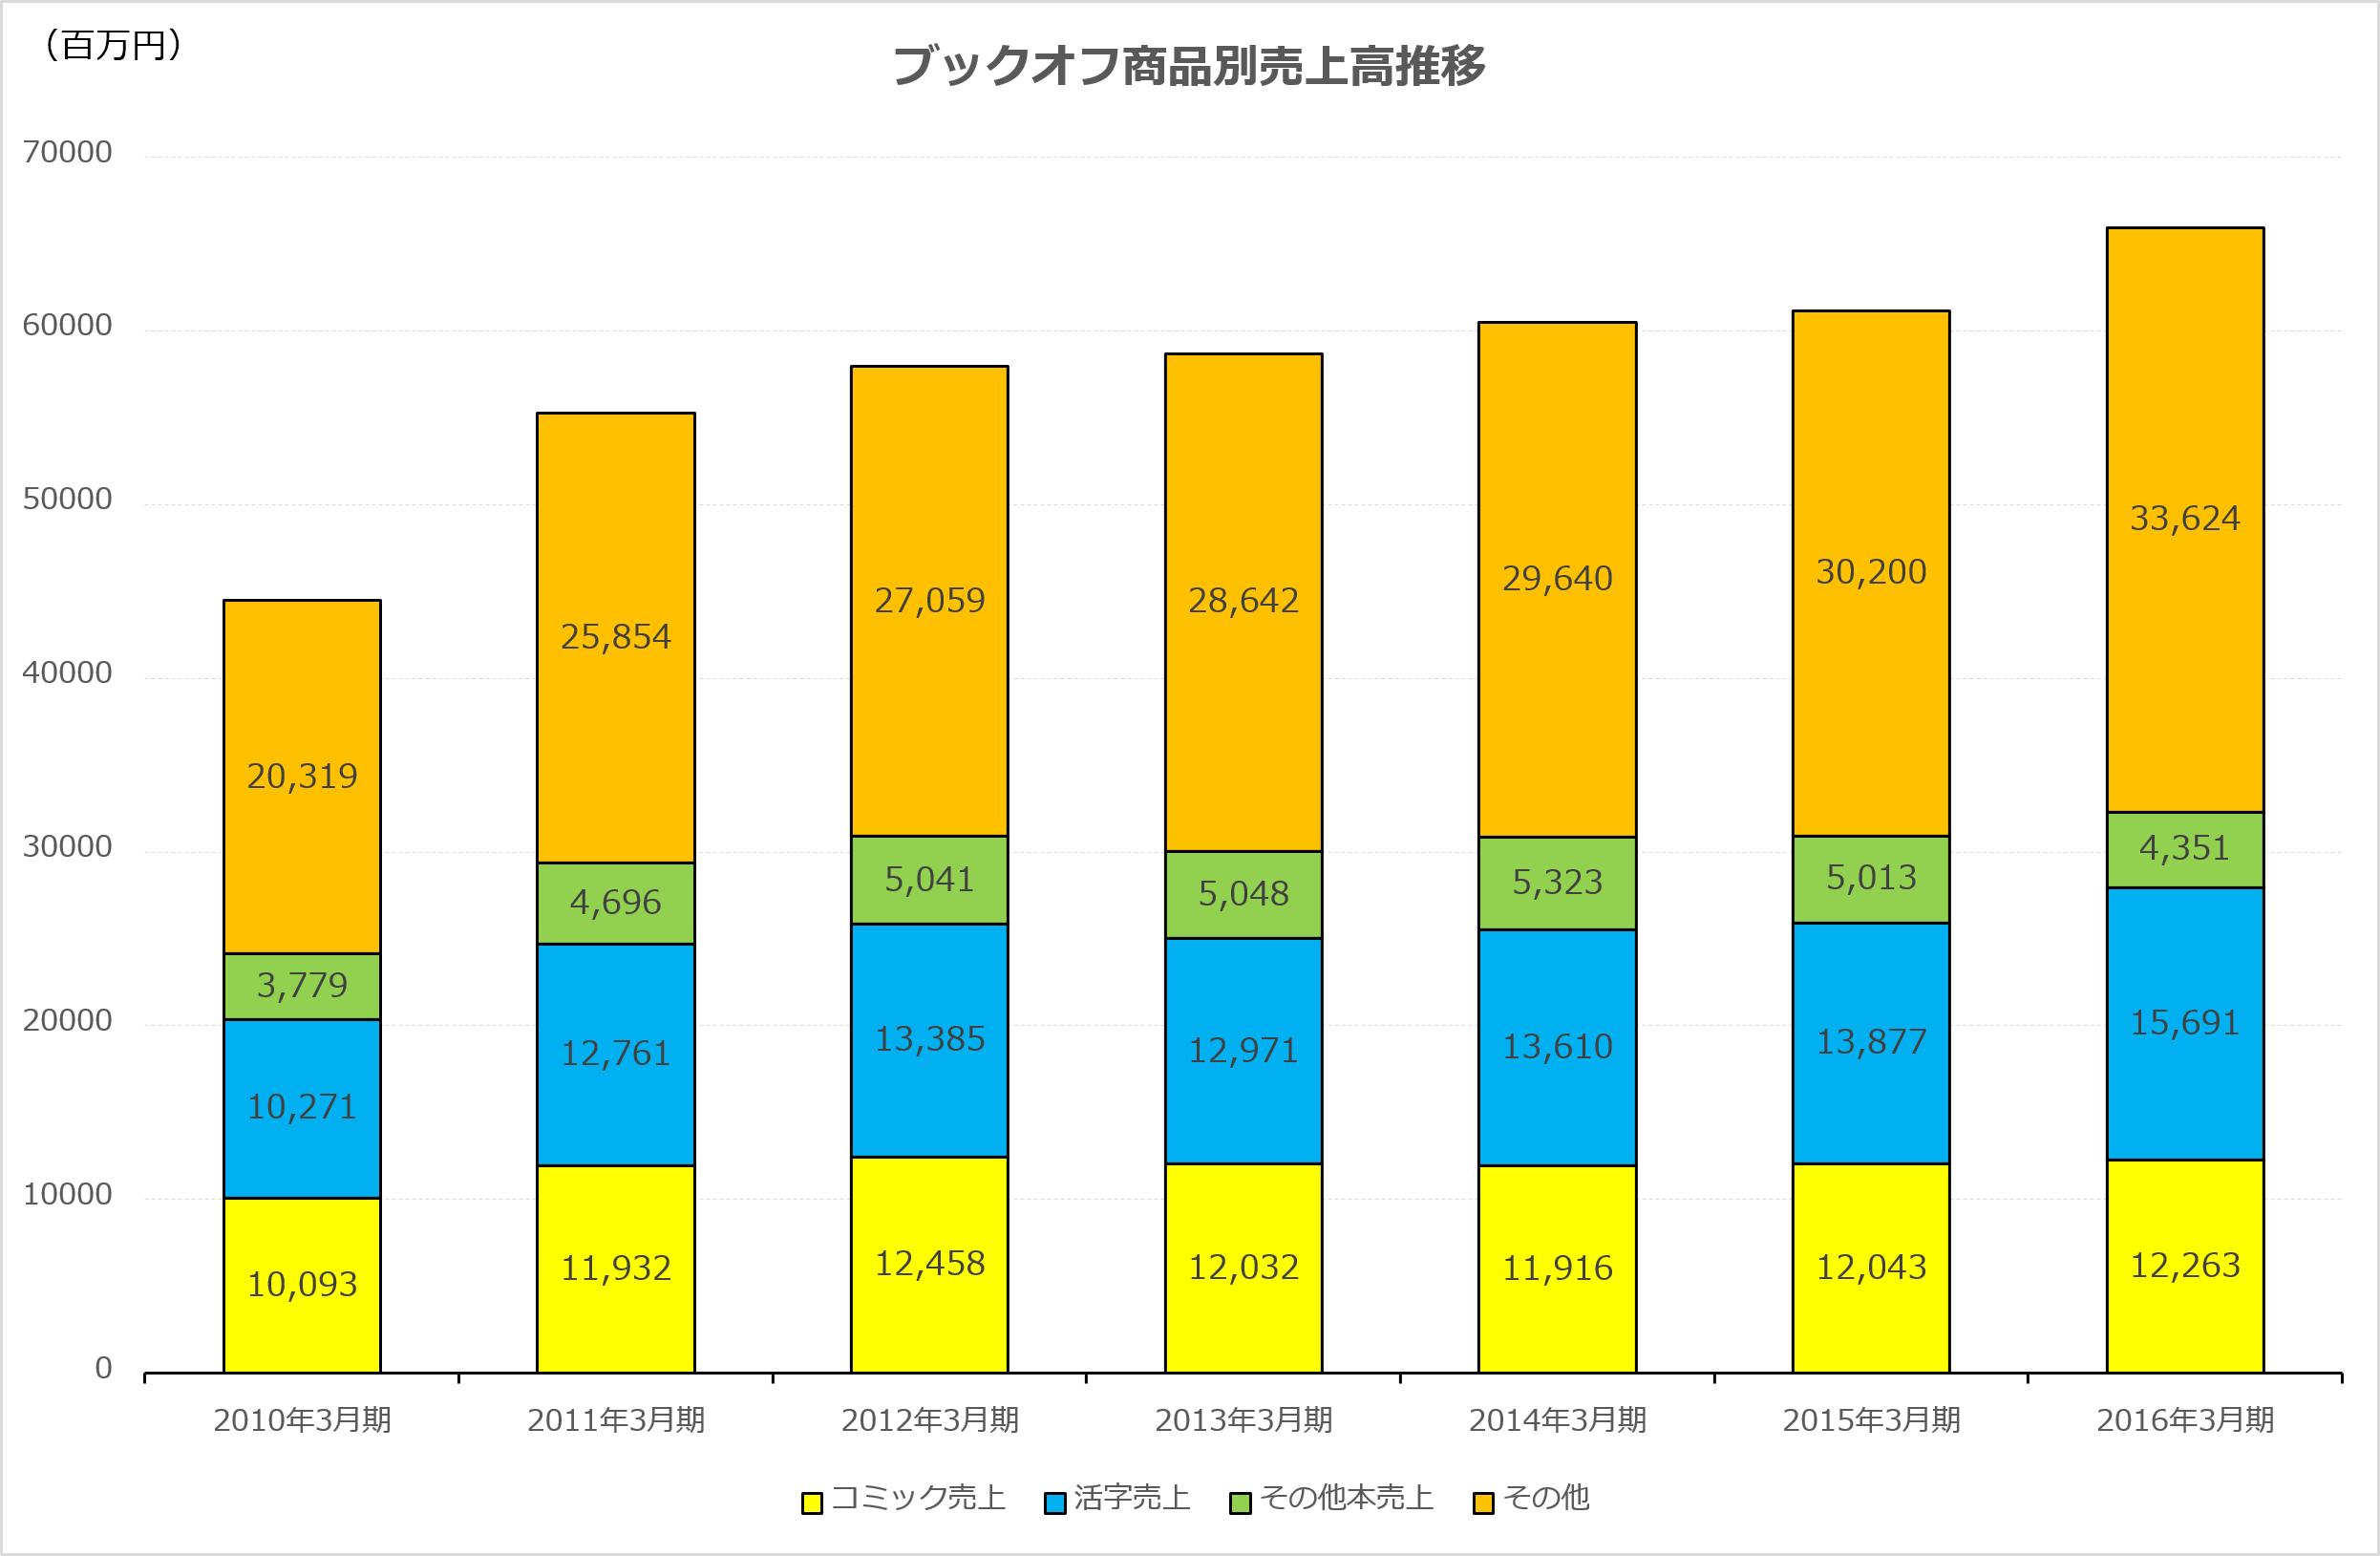 ブックオフ商品別売上高推移(グラフ作成:筆者)